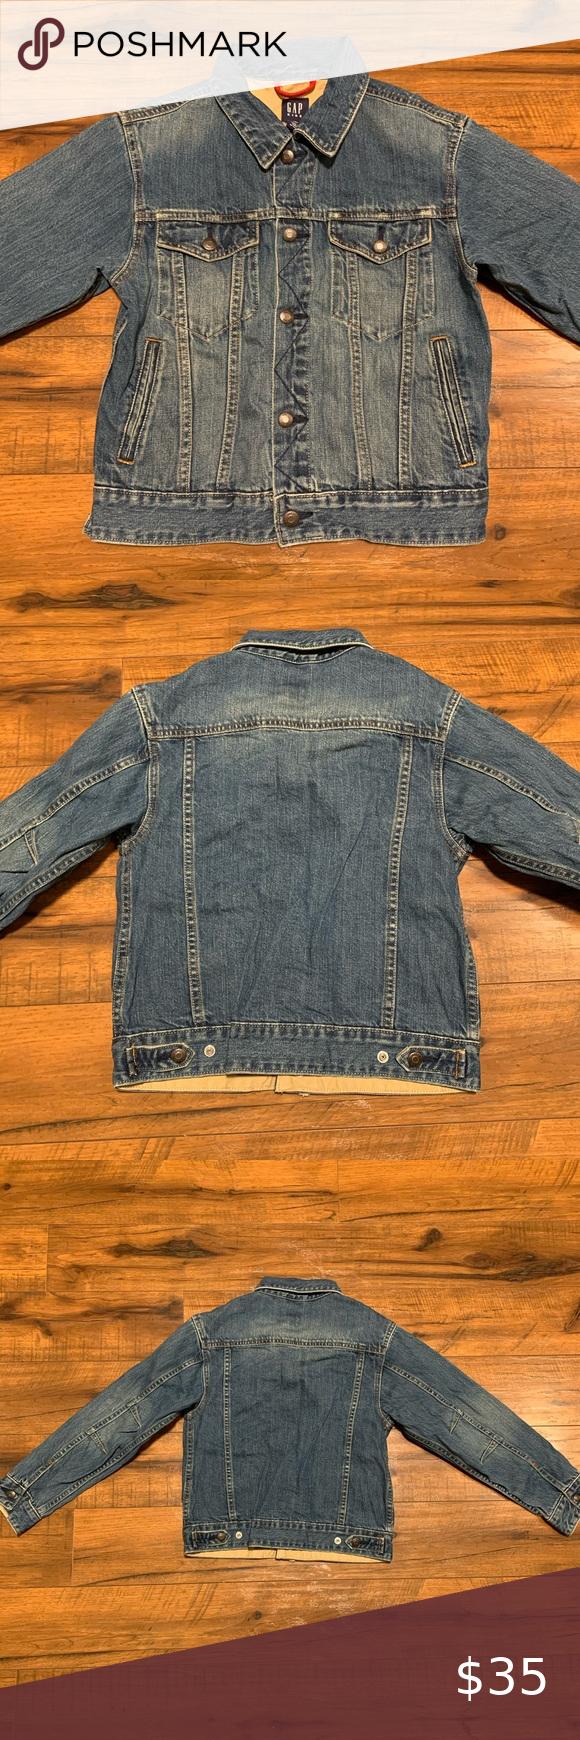 Gap Kids Denim Coat Kids Denim Kids Denim Jacket Kids Jeans Jacket [ 1740 x 580 Pixel ]